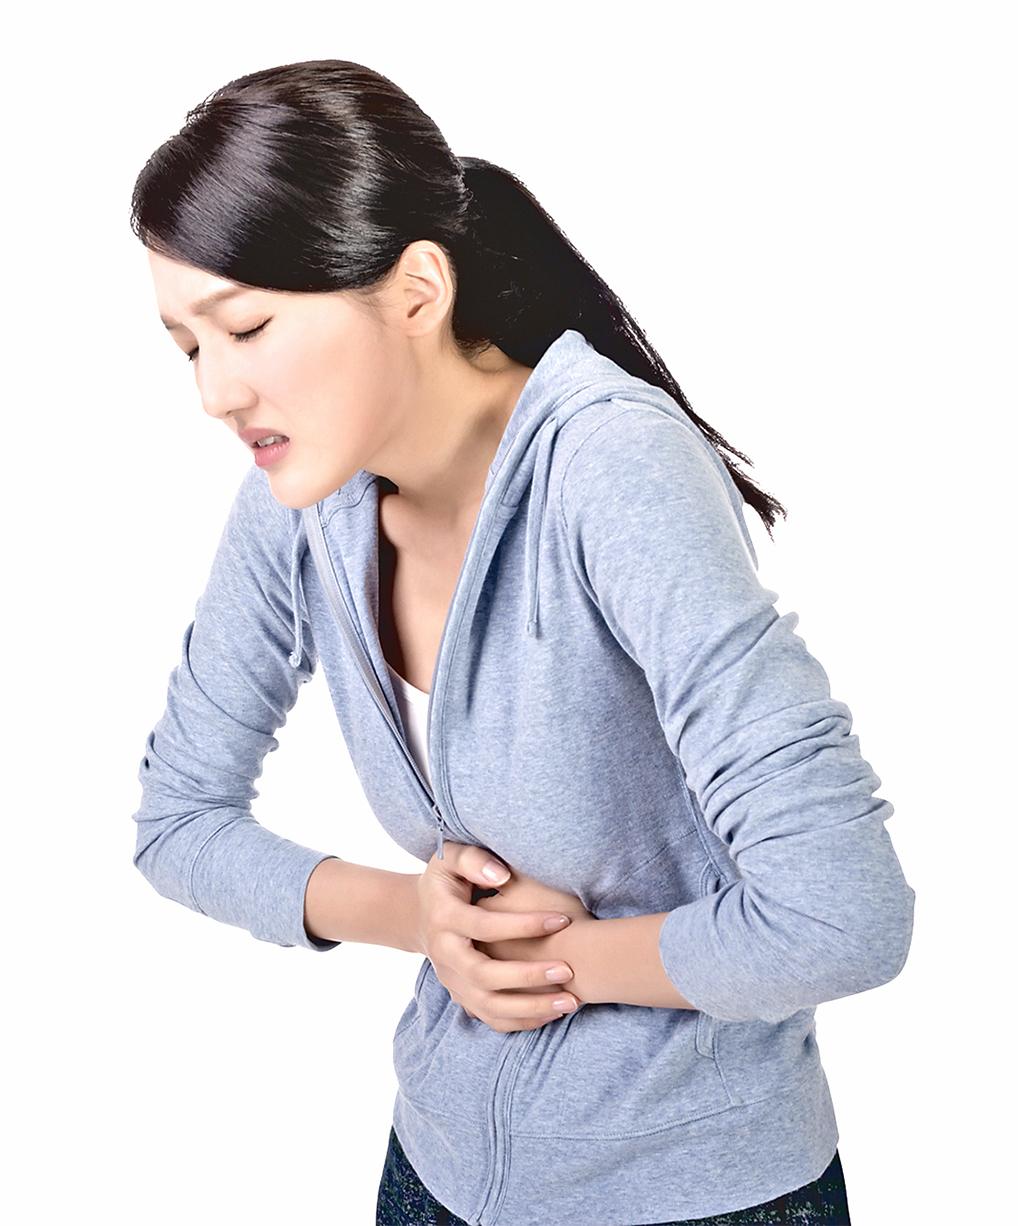 胃不好‧免吃藥 中脘穴治胃病第一穴